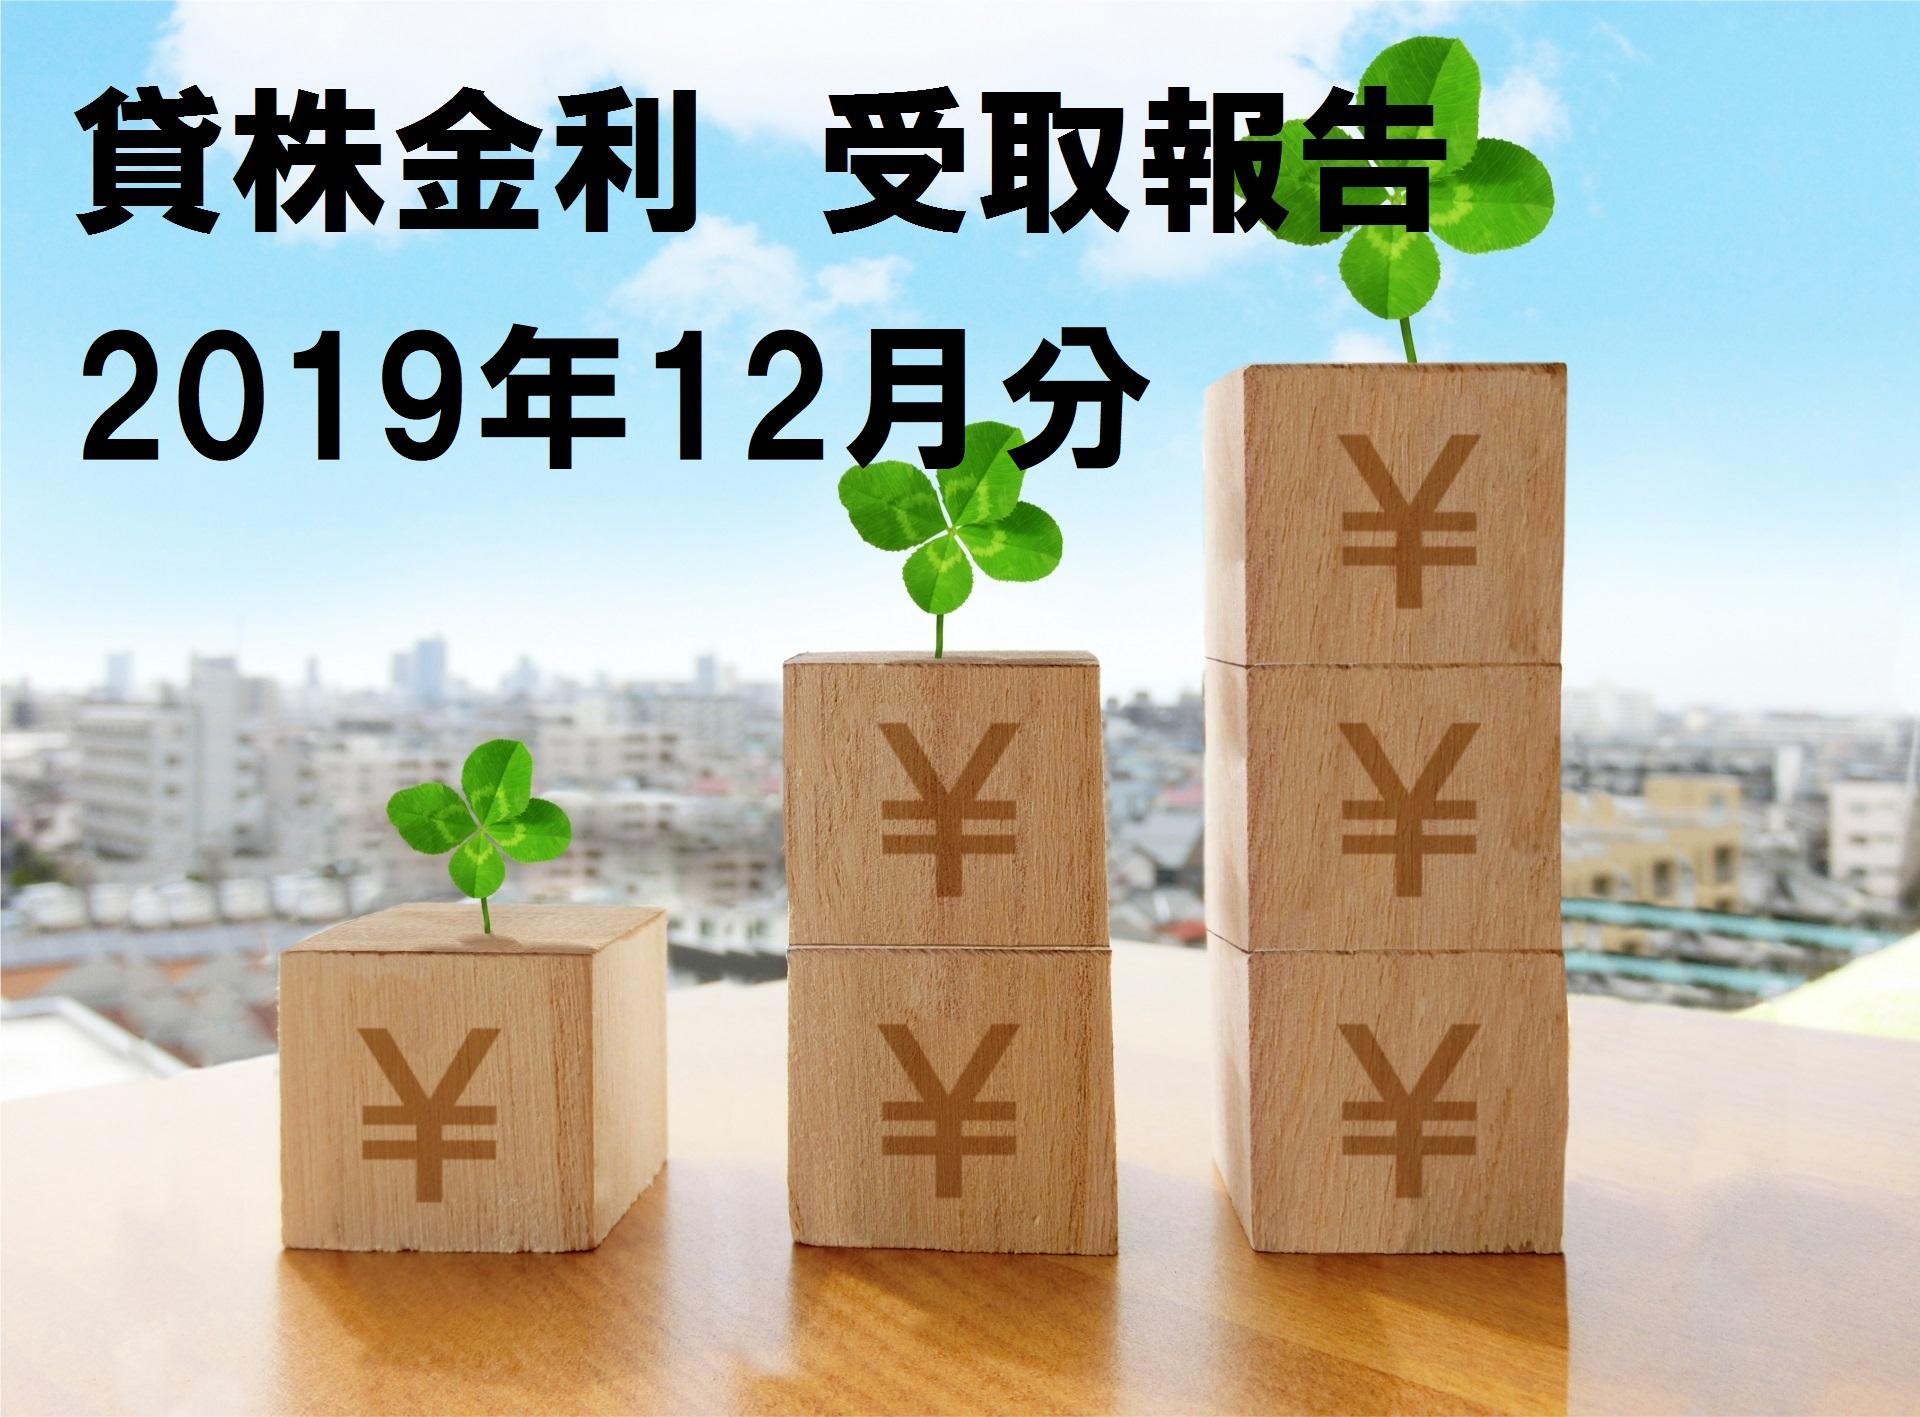 2019年12月貸株金利受け取り状況